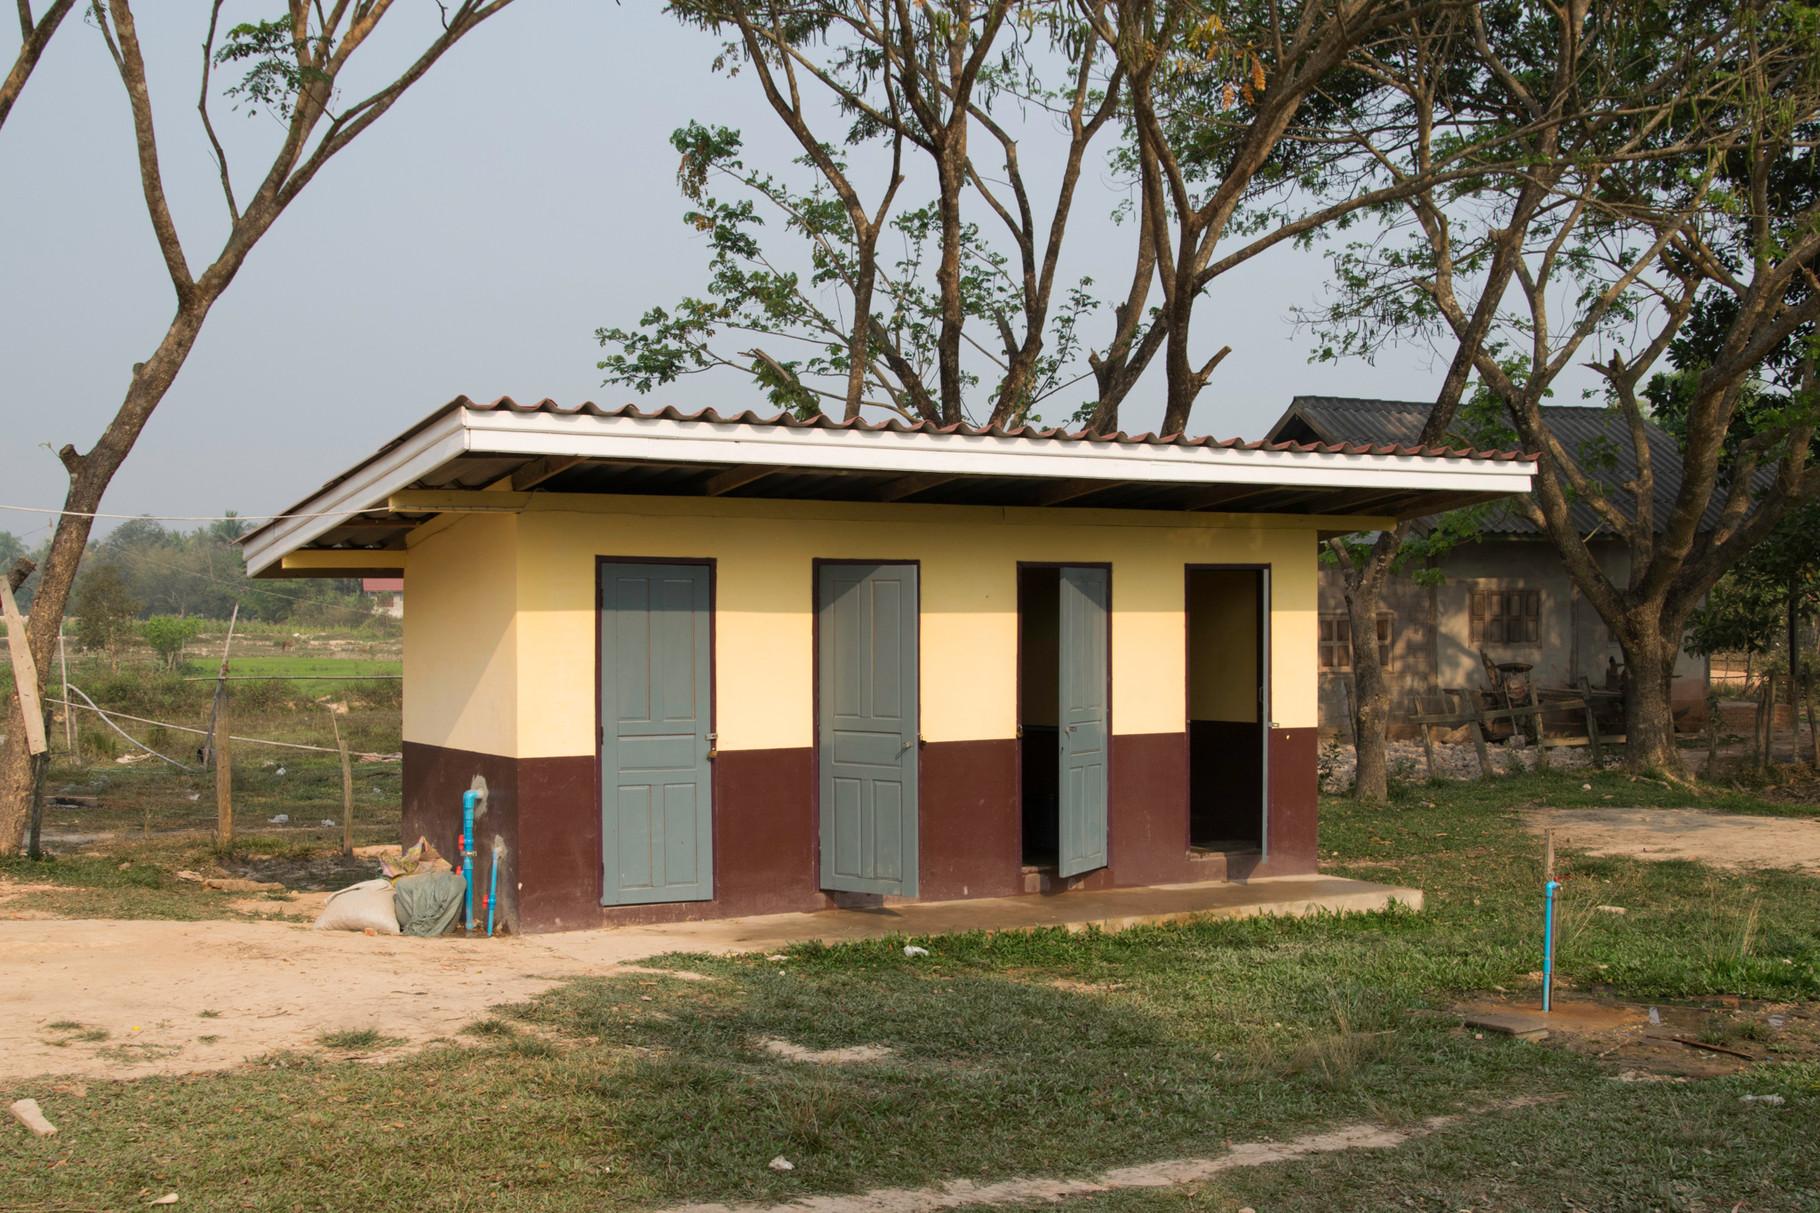 Auch gute sanitäre Einrichtungen sind nicht selbstverständlich